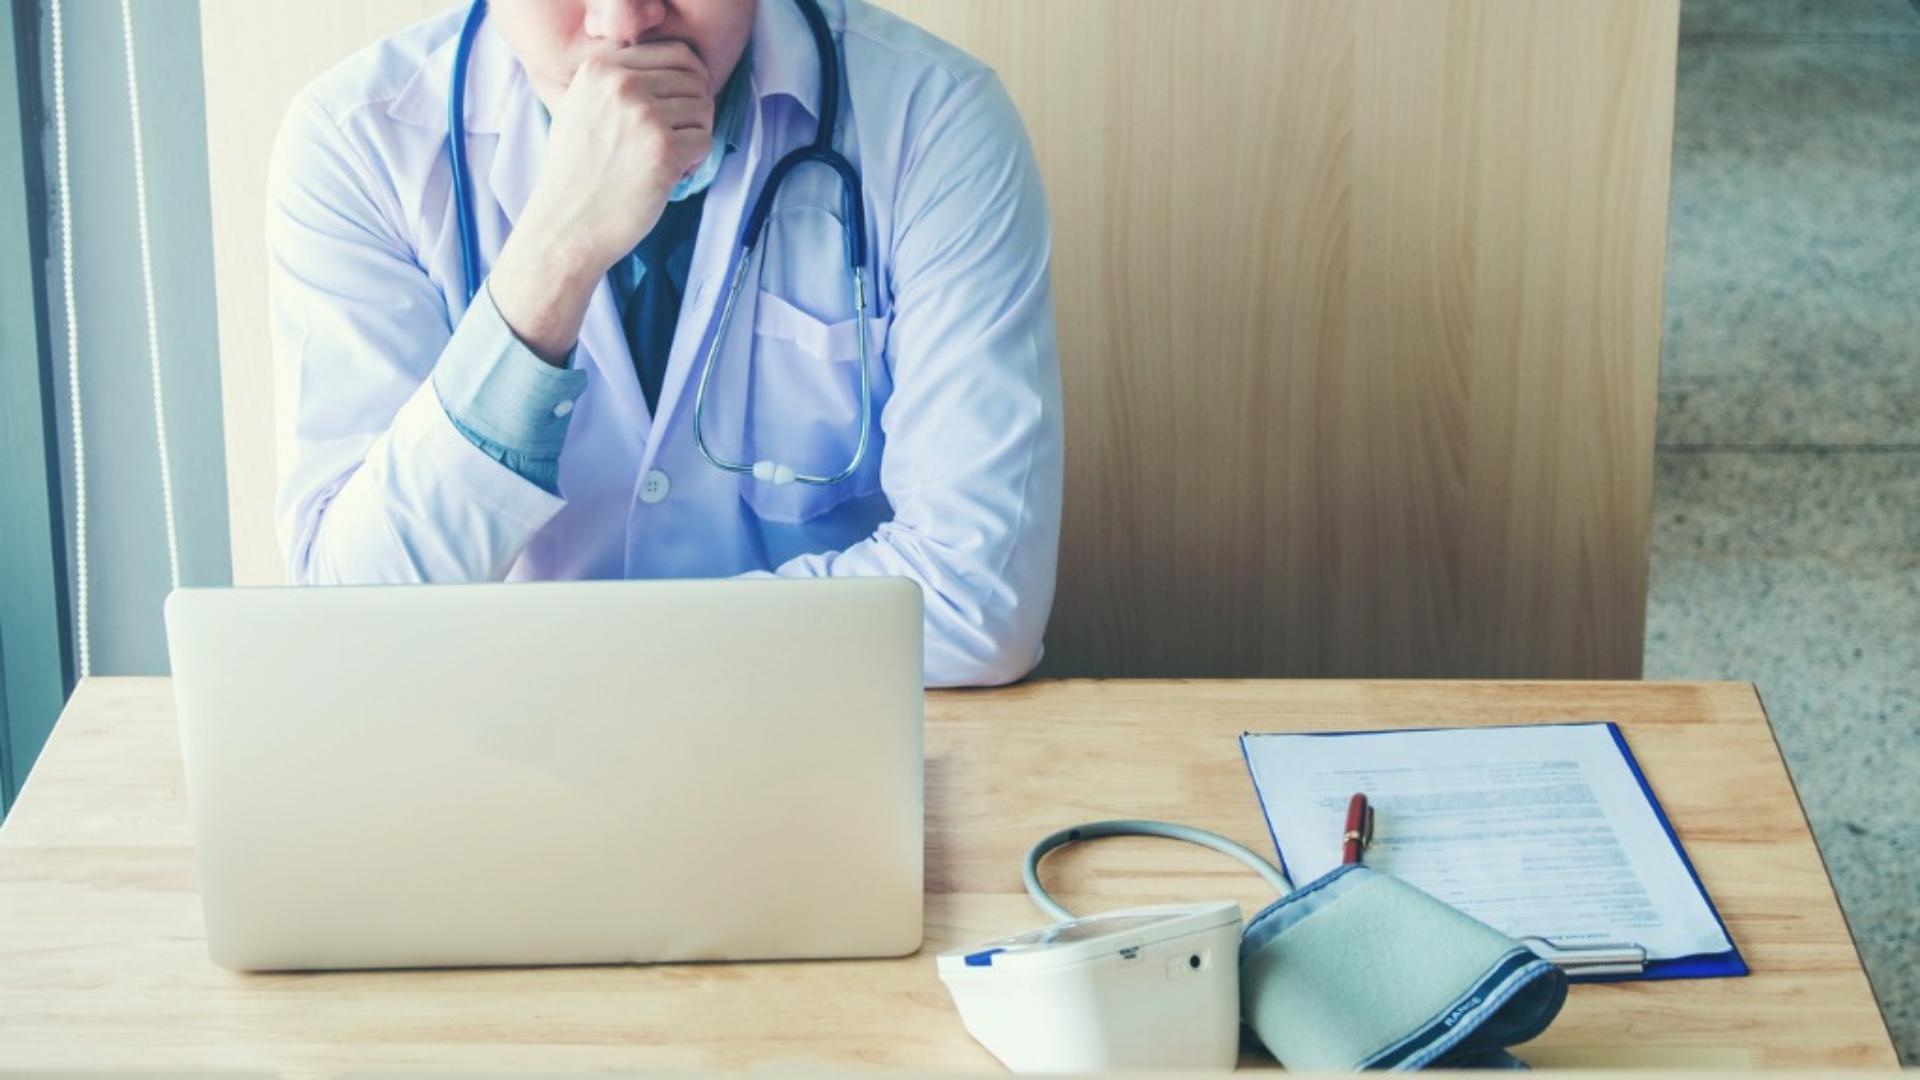 Qué causa el ausentismo de pacientes y cómo combatirlo